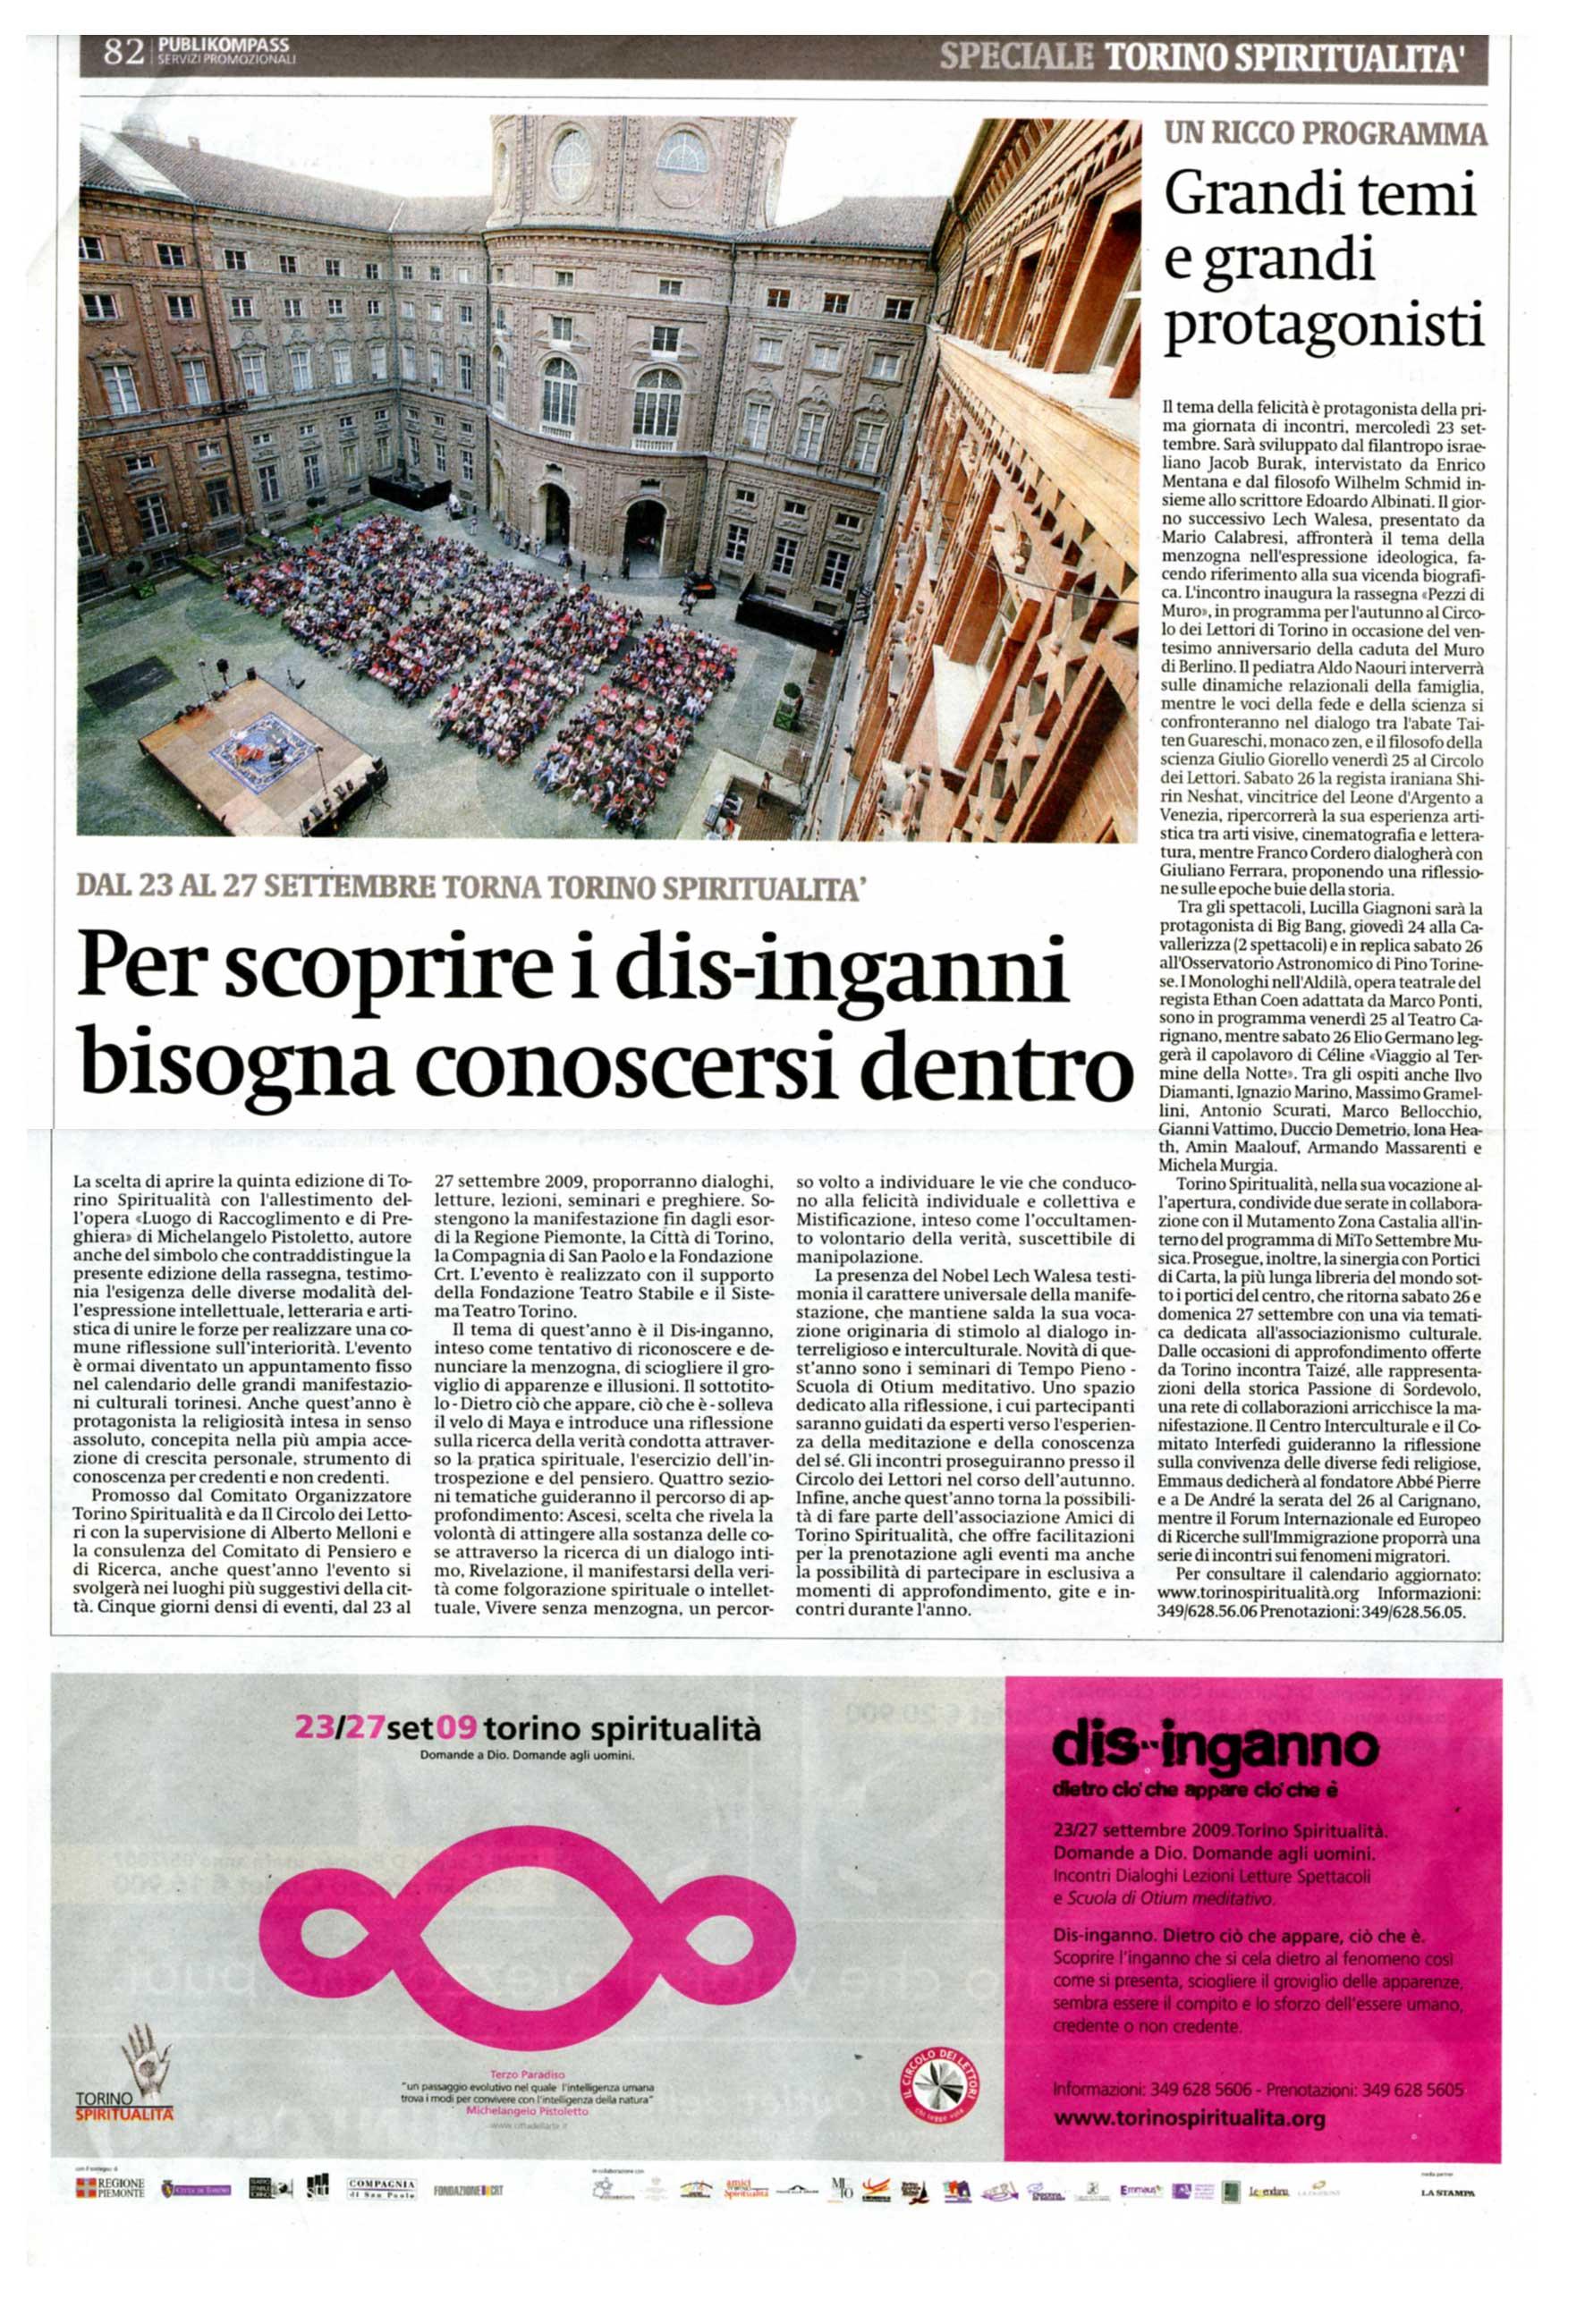 Torino spiritualita'